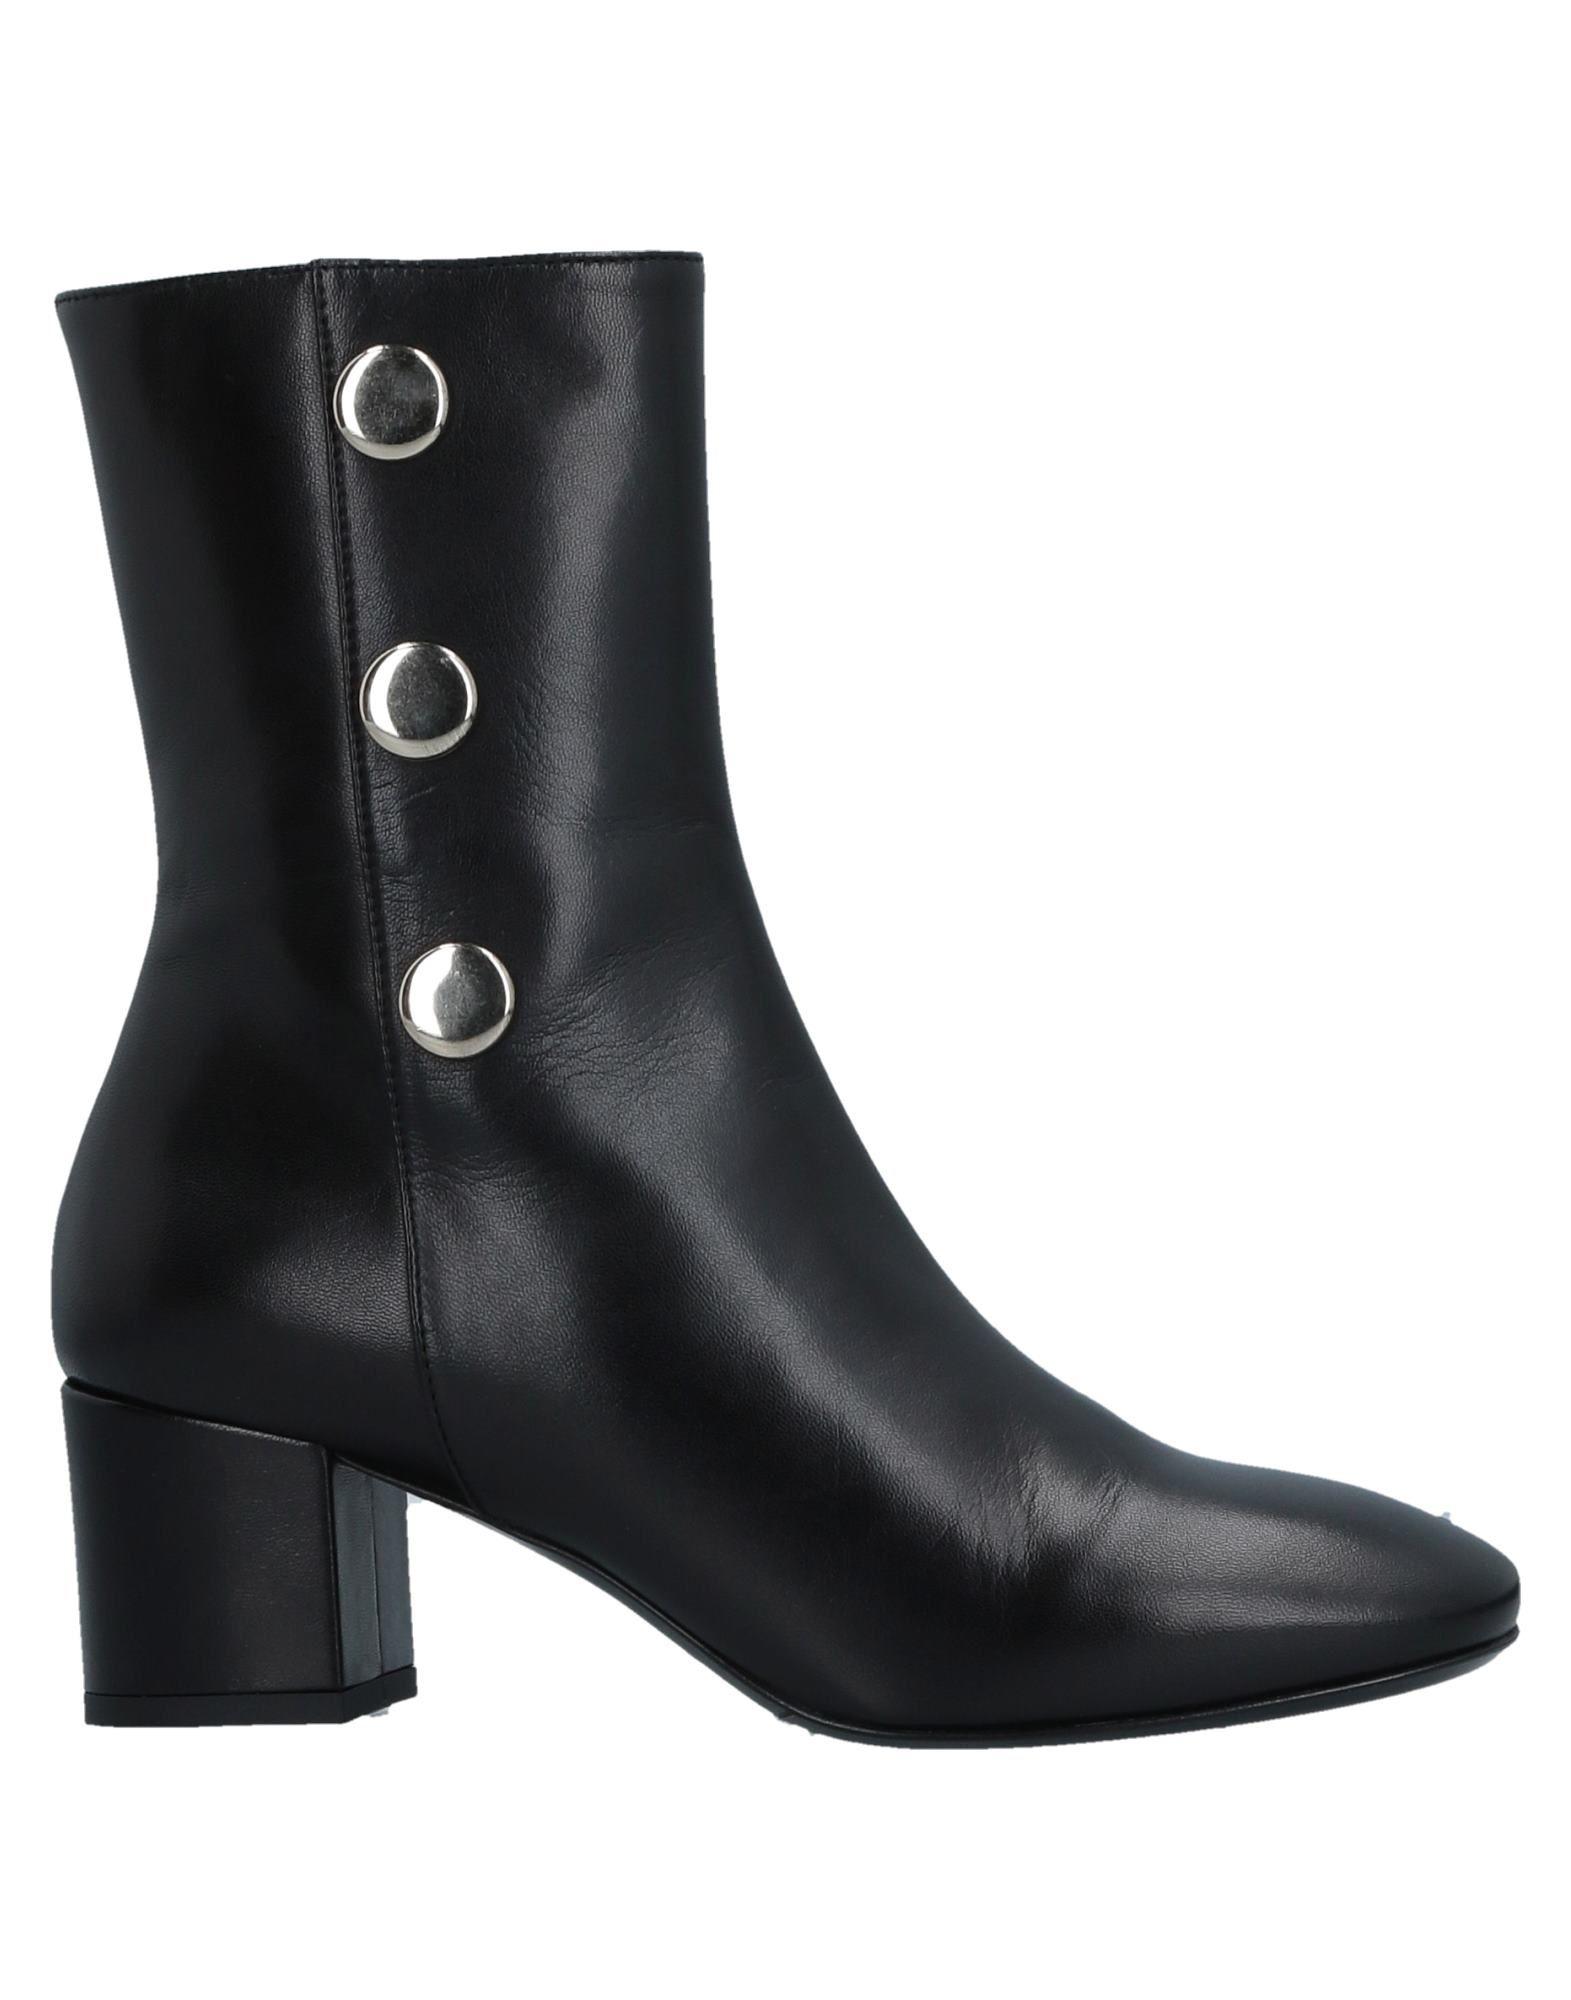 Stilvolle billige Schuhe Schuhe Schuhe Carla G. Stiefelette Damen  11522988MU a3de4e